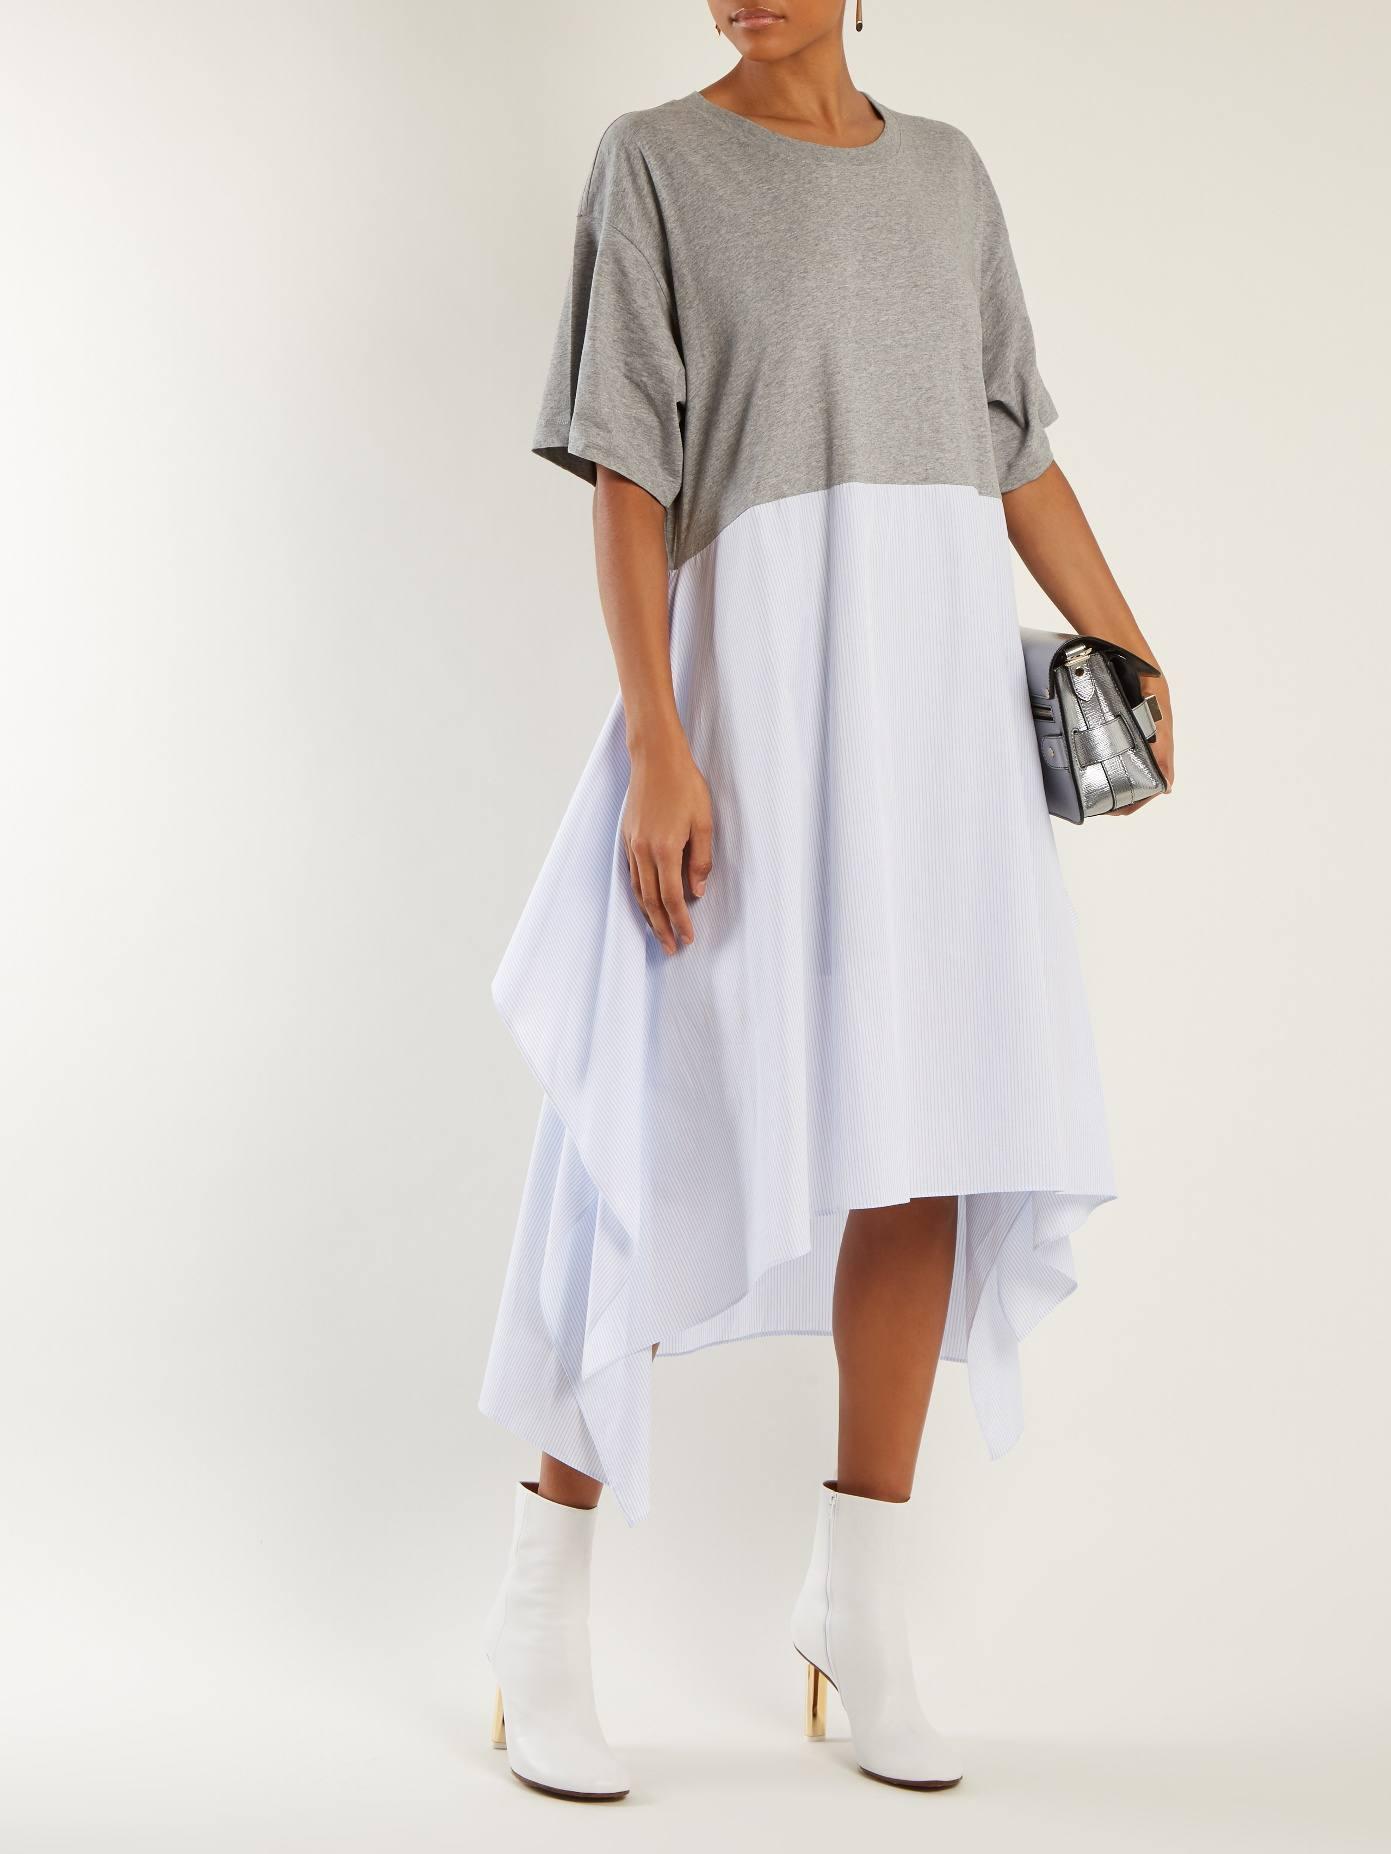 Модные повседневные платья осень-зима 2019-2020 рекомендации